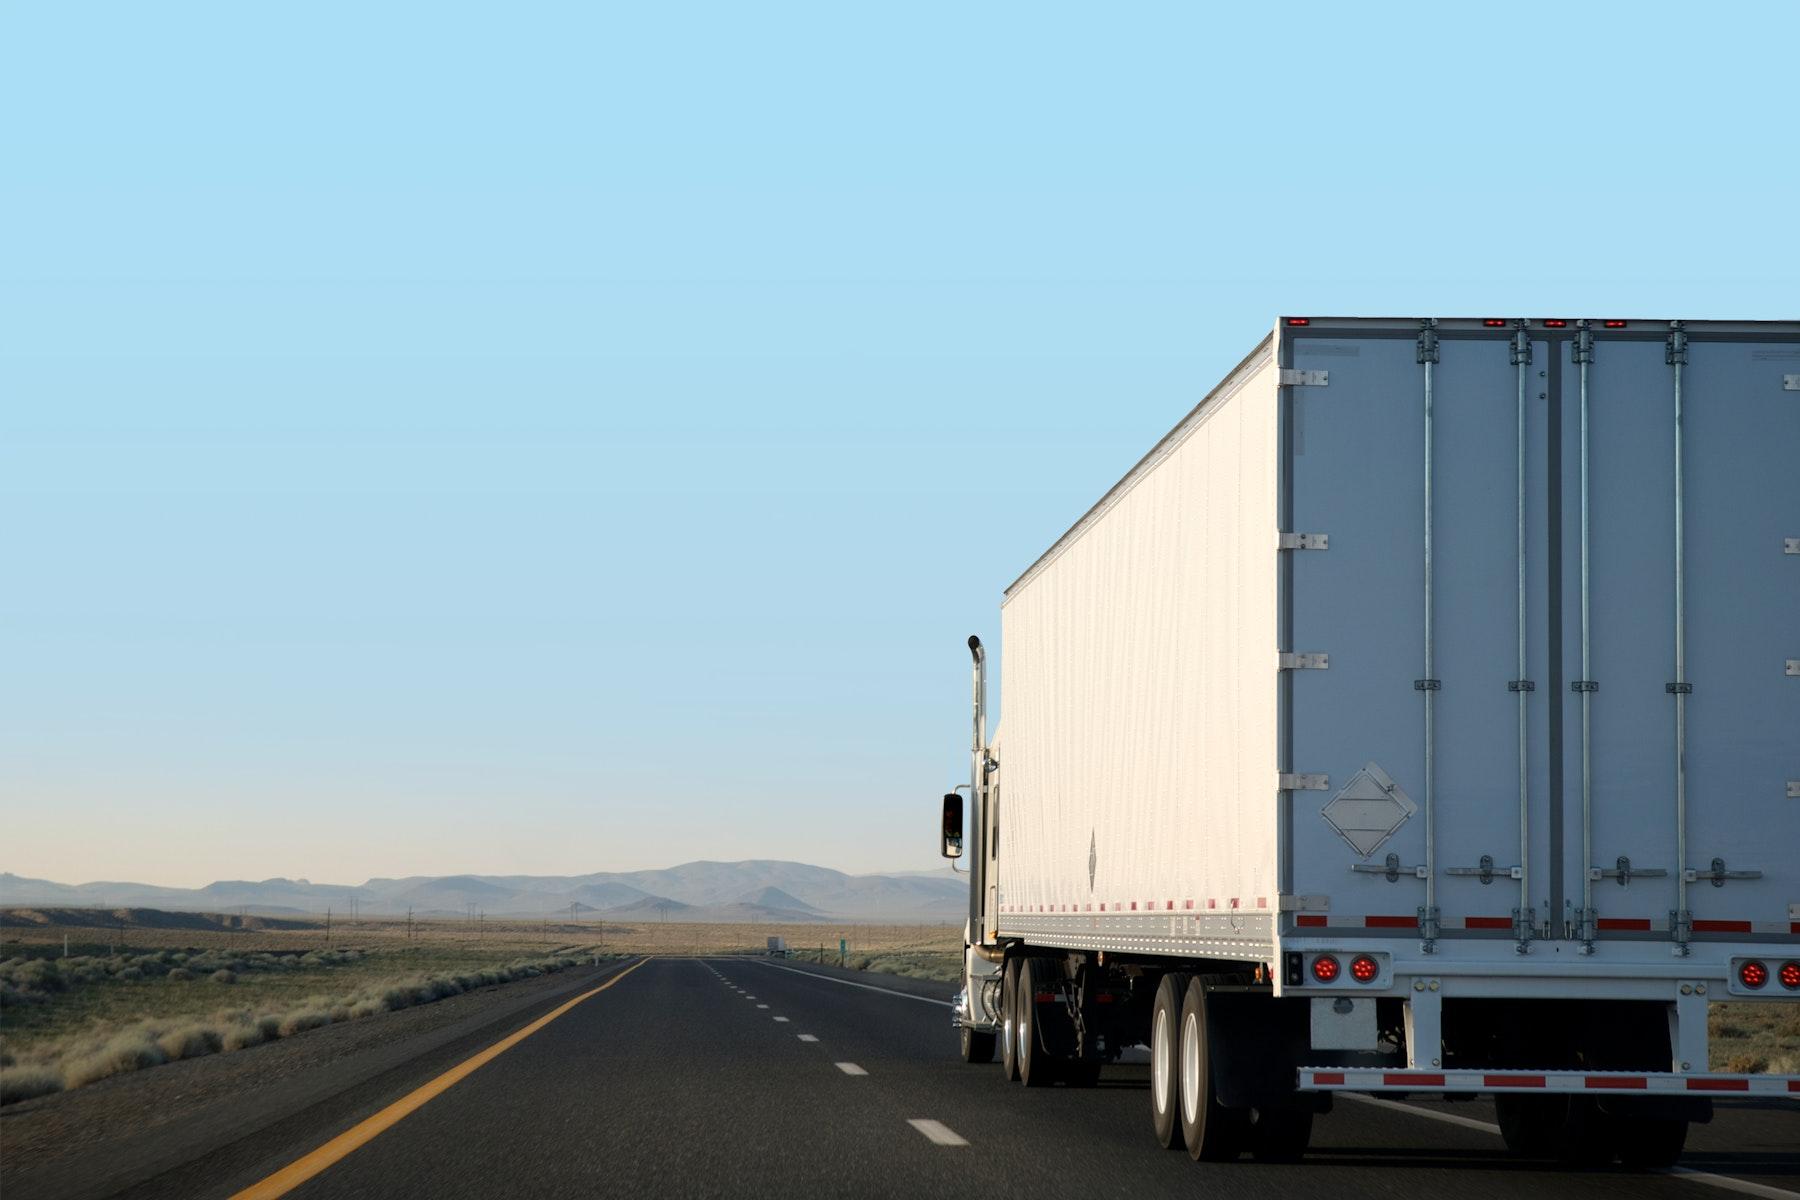 Trucks Buses Jpg